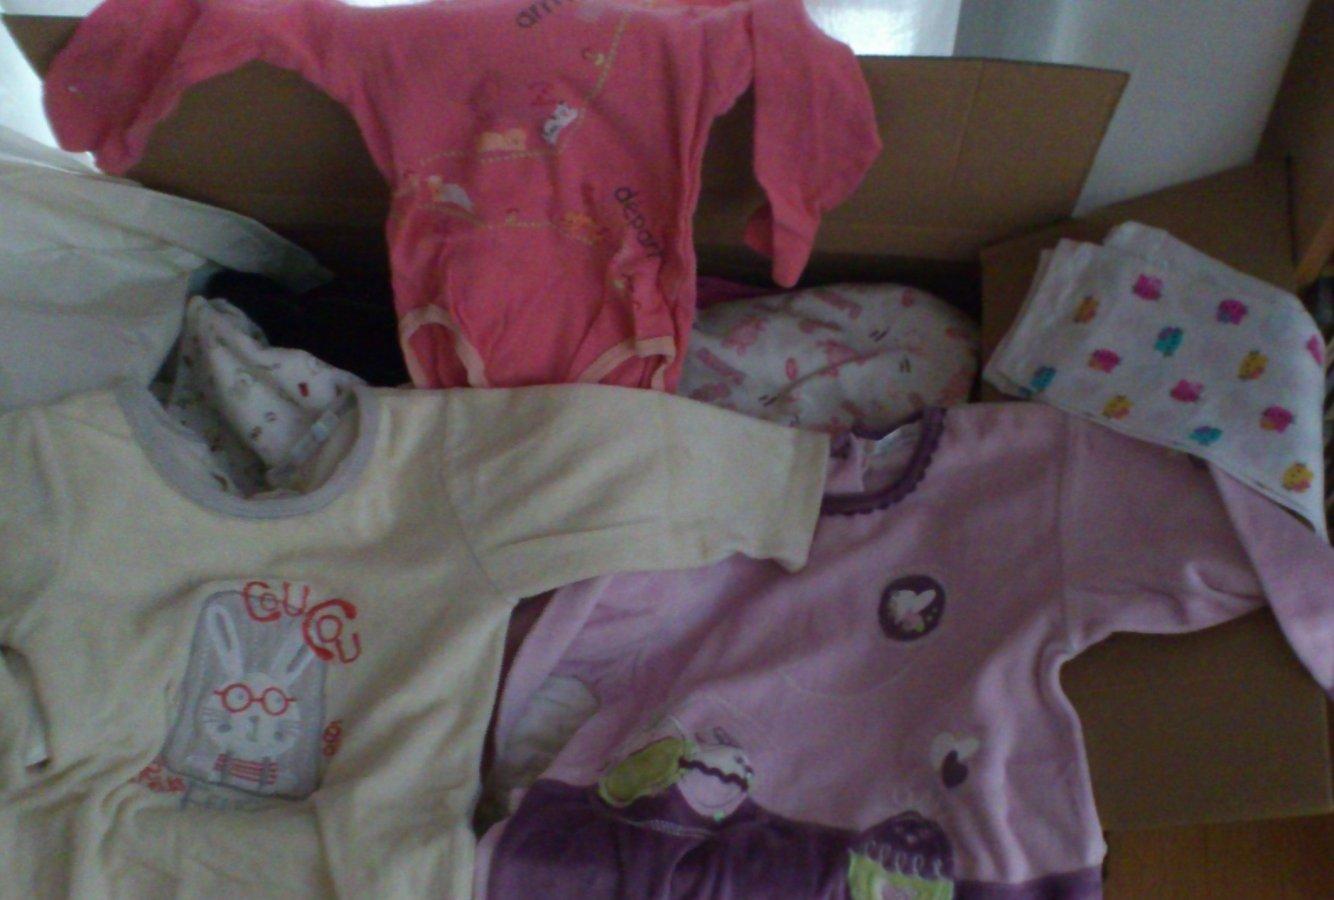 Le colis de Johanna, plein de vêtements pour petites filles